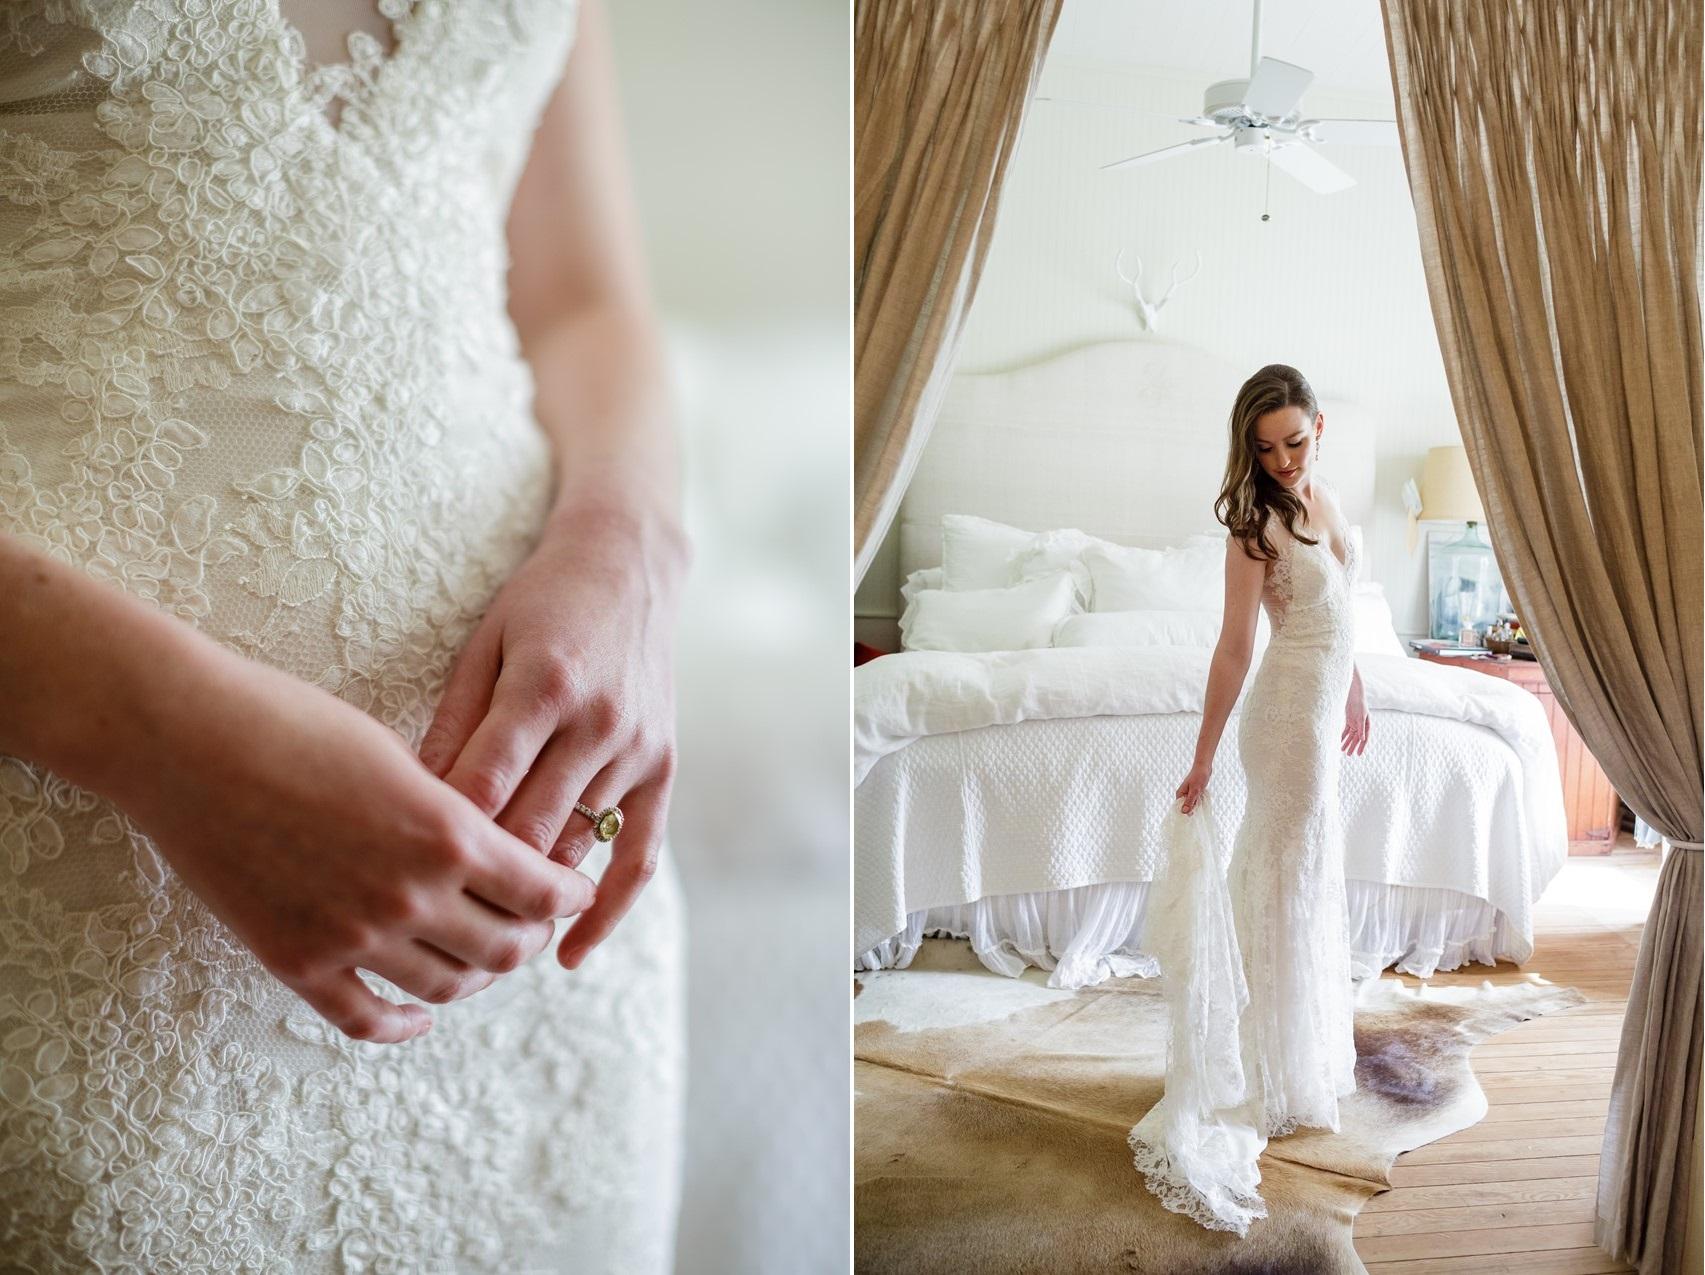 Elegant Lace Wedding Dress by Monique Lhuillier